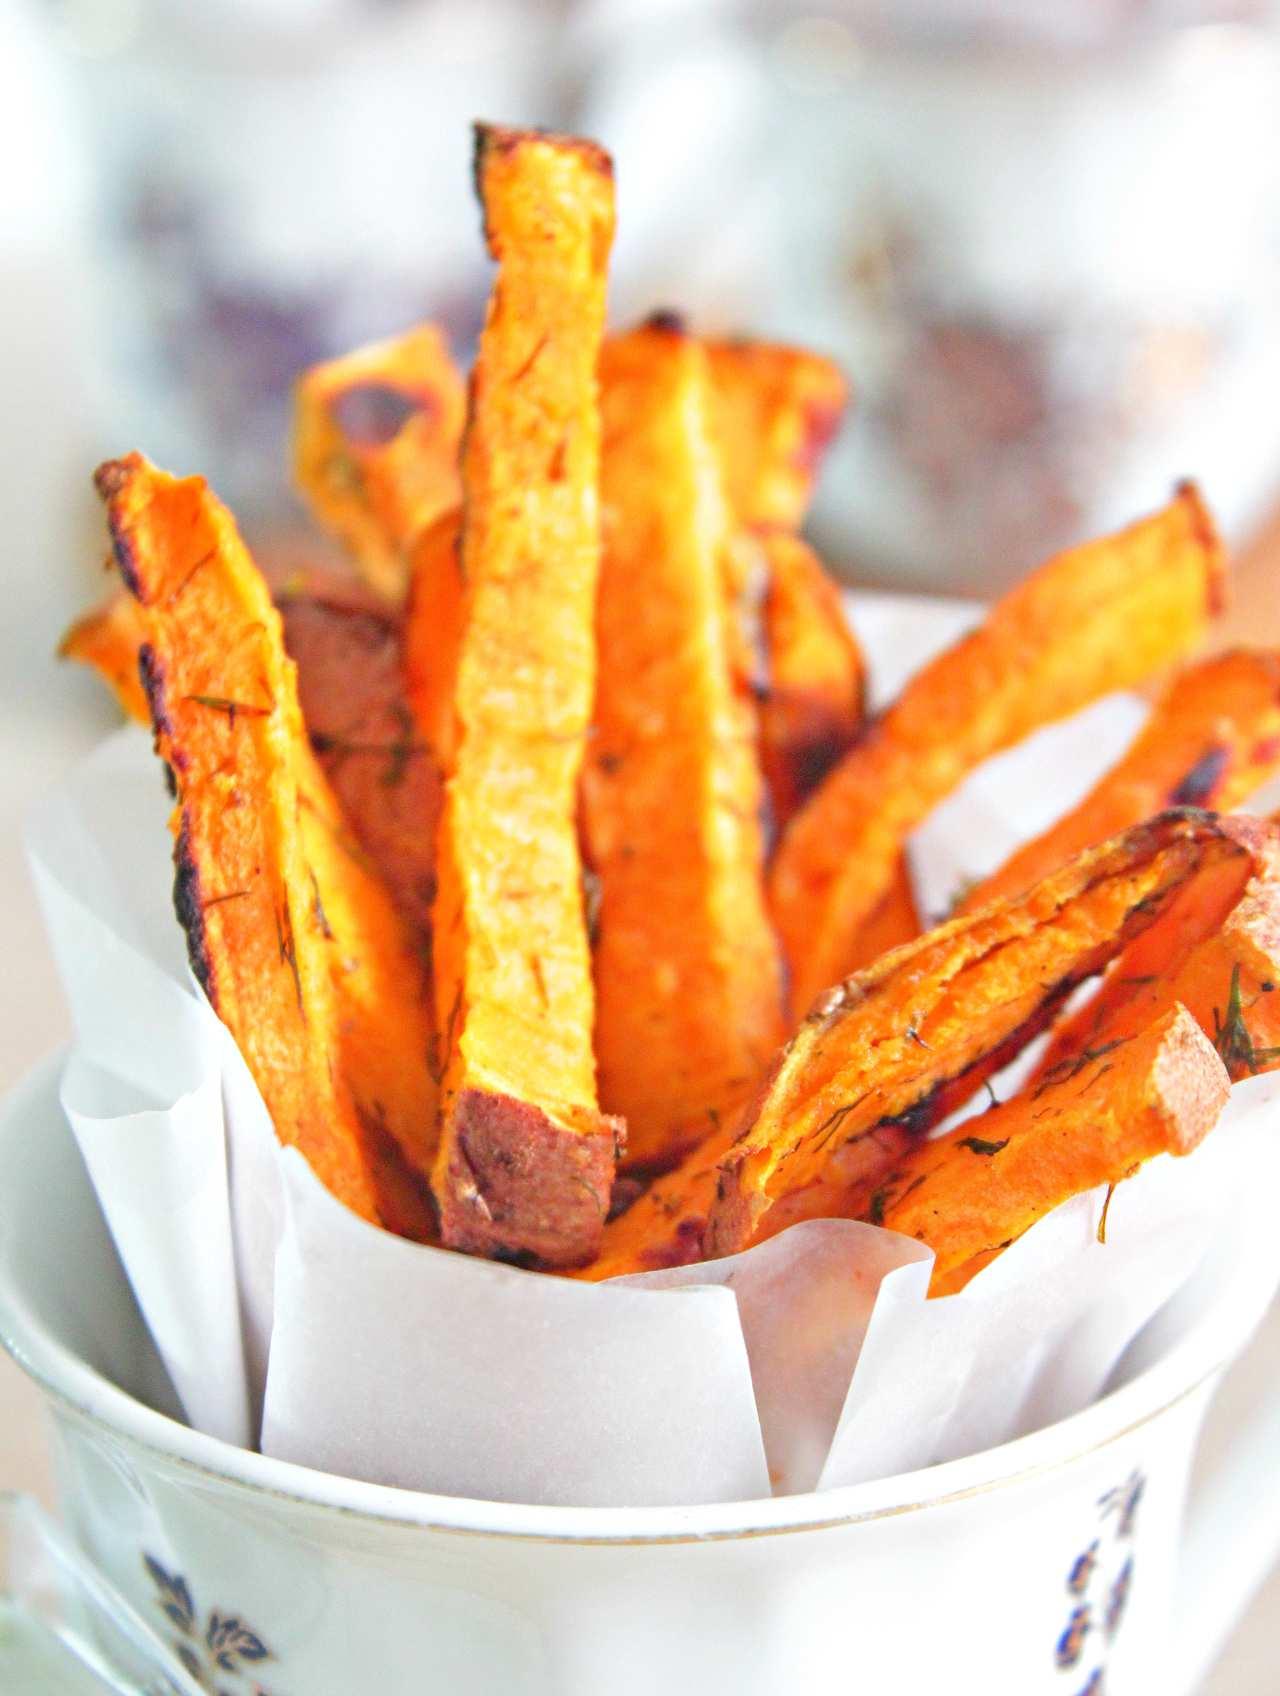 Fă niste cartofi pai sănătoși fără a sacrifica gustul cu acesti cartofi dulci pai cu usturoi la cuptor! Grozavi ca aperitiv dar si o gustare sănătoasă si hrănitoare!